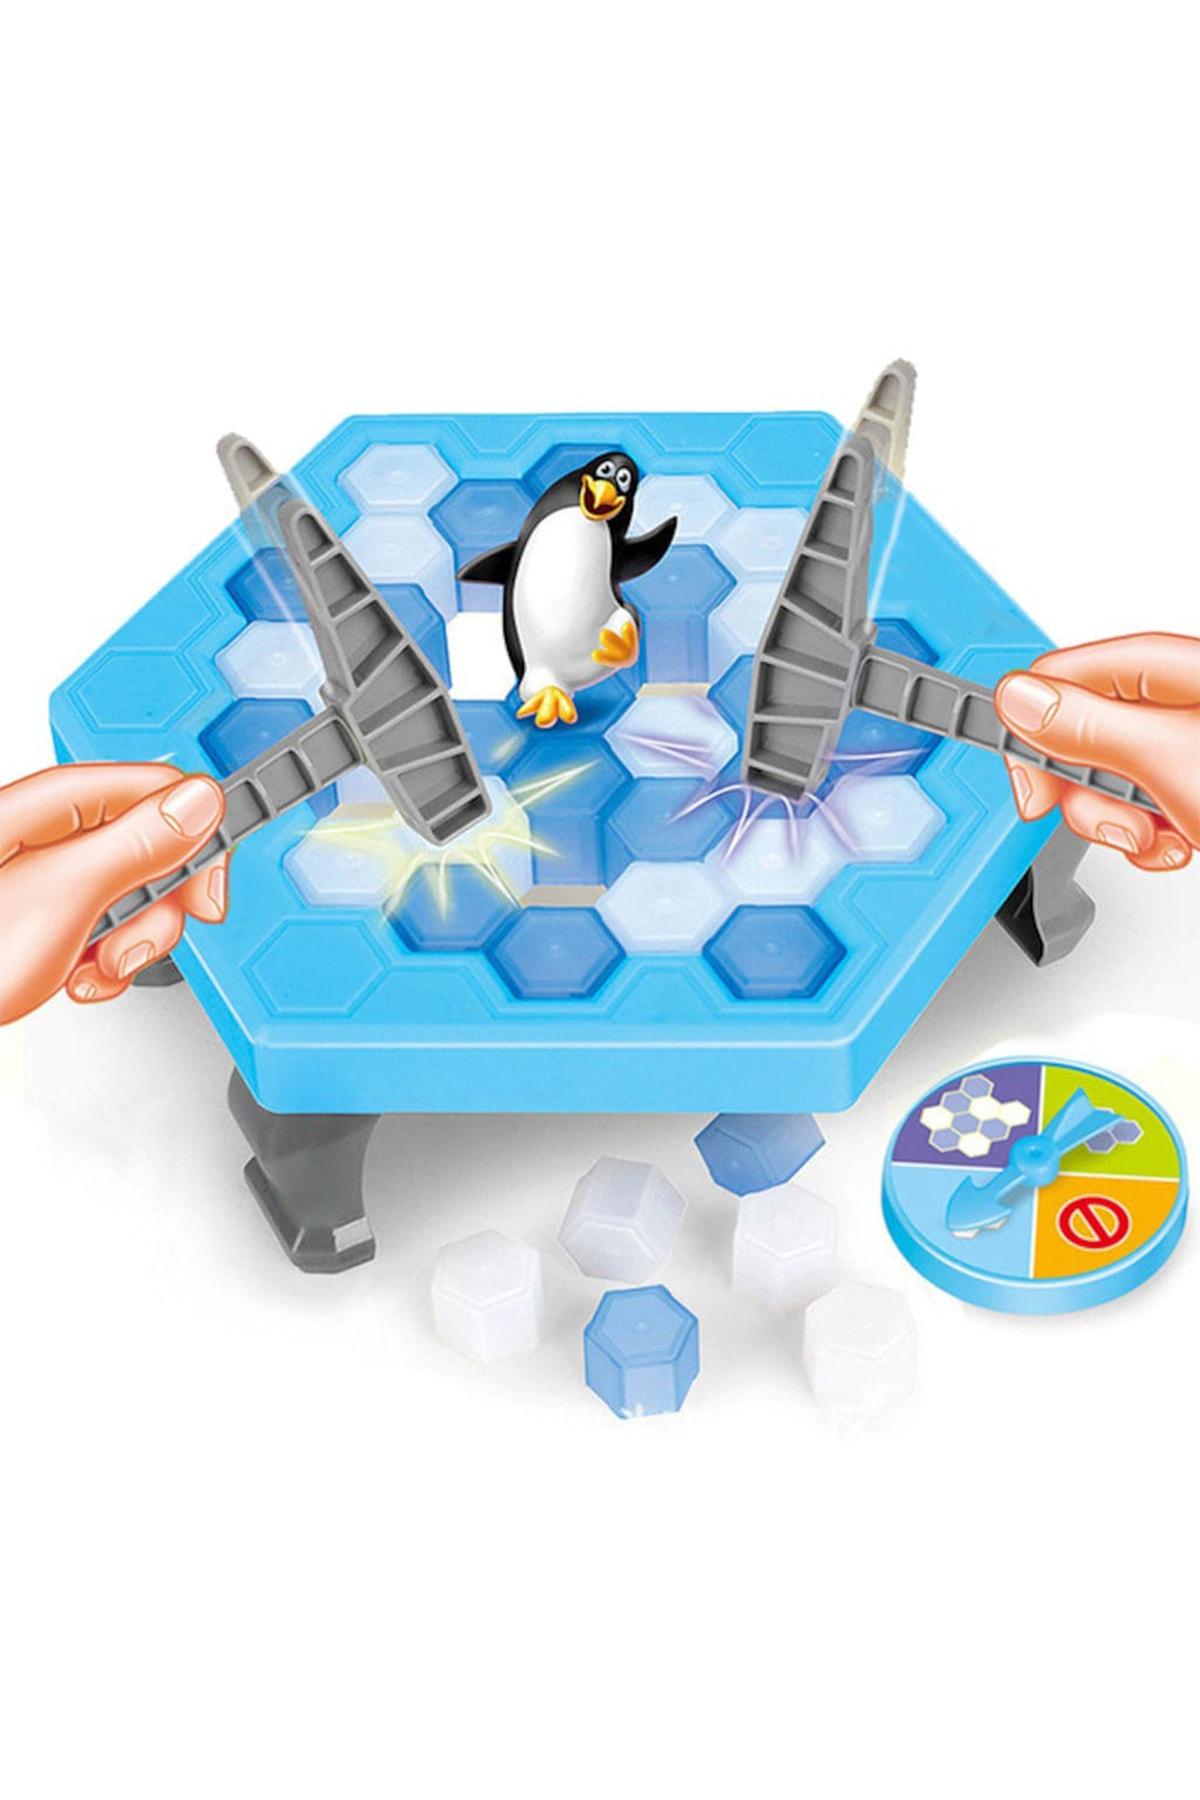 Alshop Buz Kırma Oyunu Penguen Düşürmeli Buz Tuzağı Oyunu Zeka Ve Strateji Kızma Biraderli 2